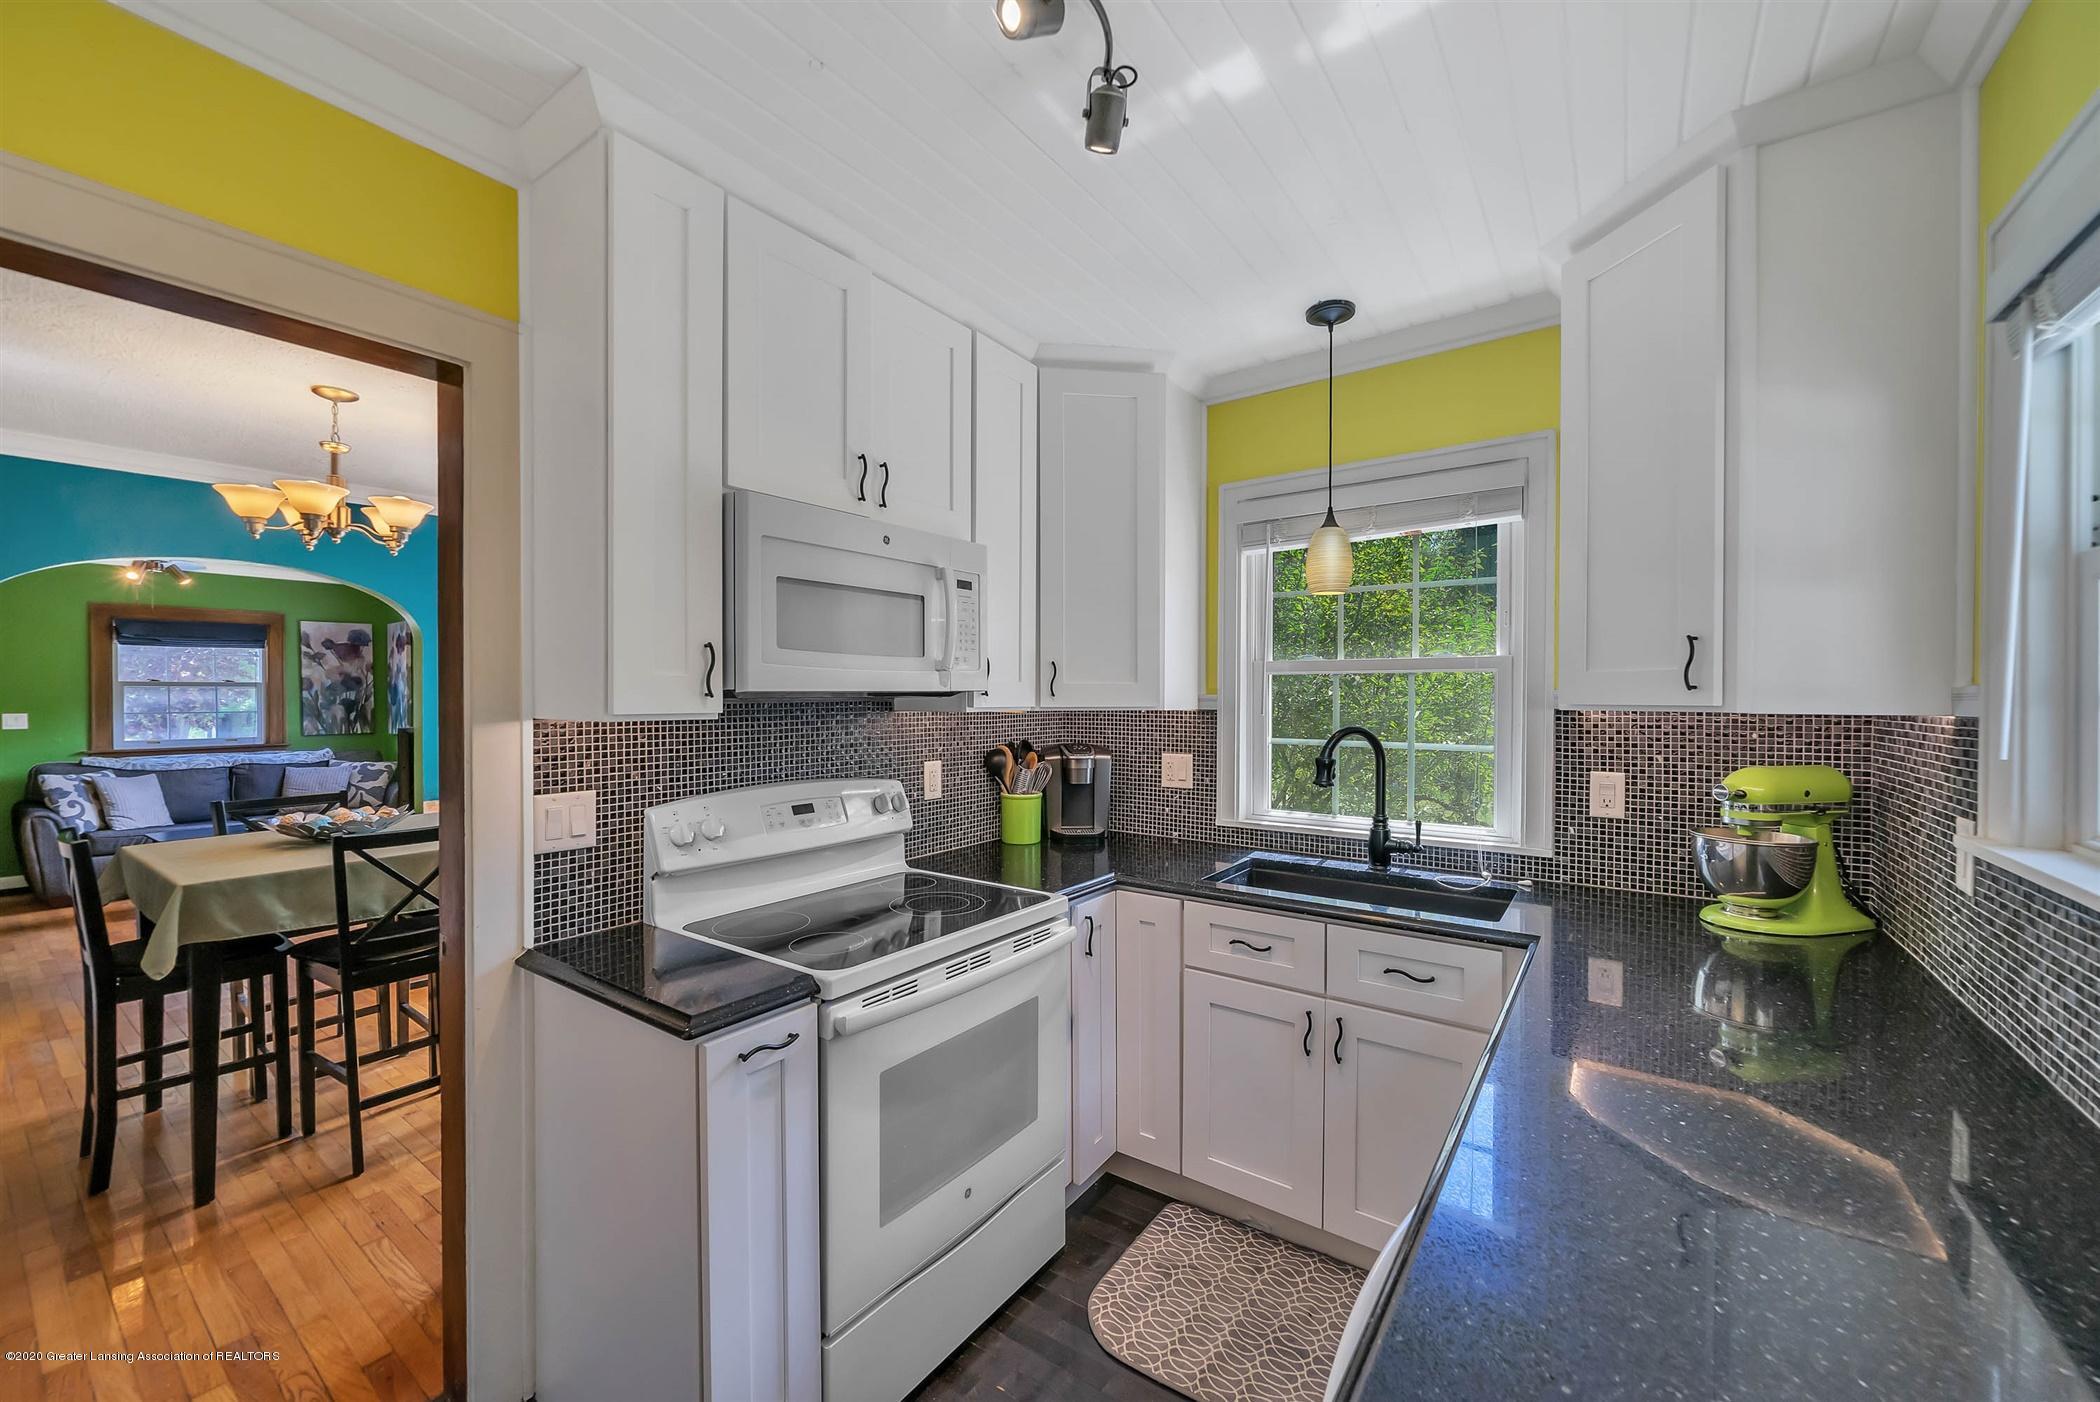 2032 Clifton Ave - (7) MAIN FLOOR Kitchen - 8